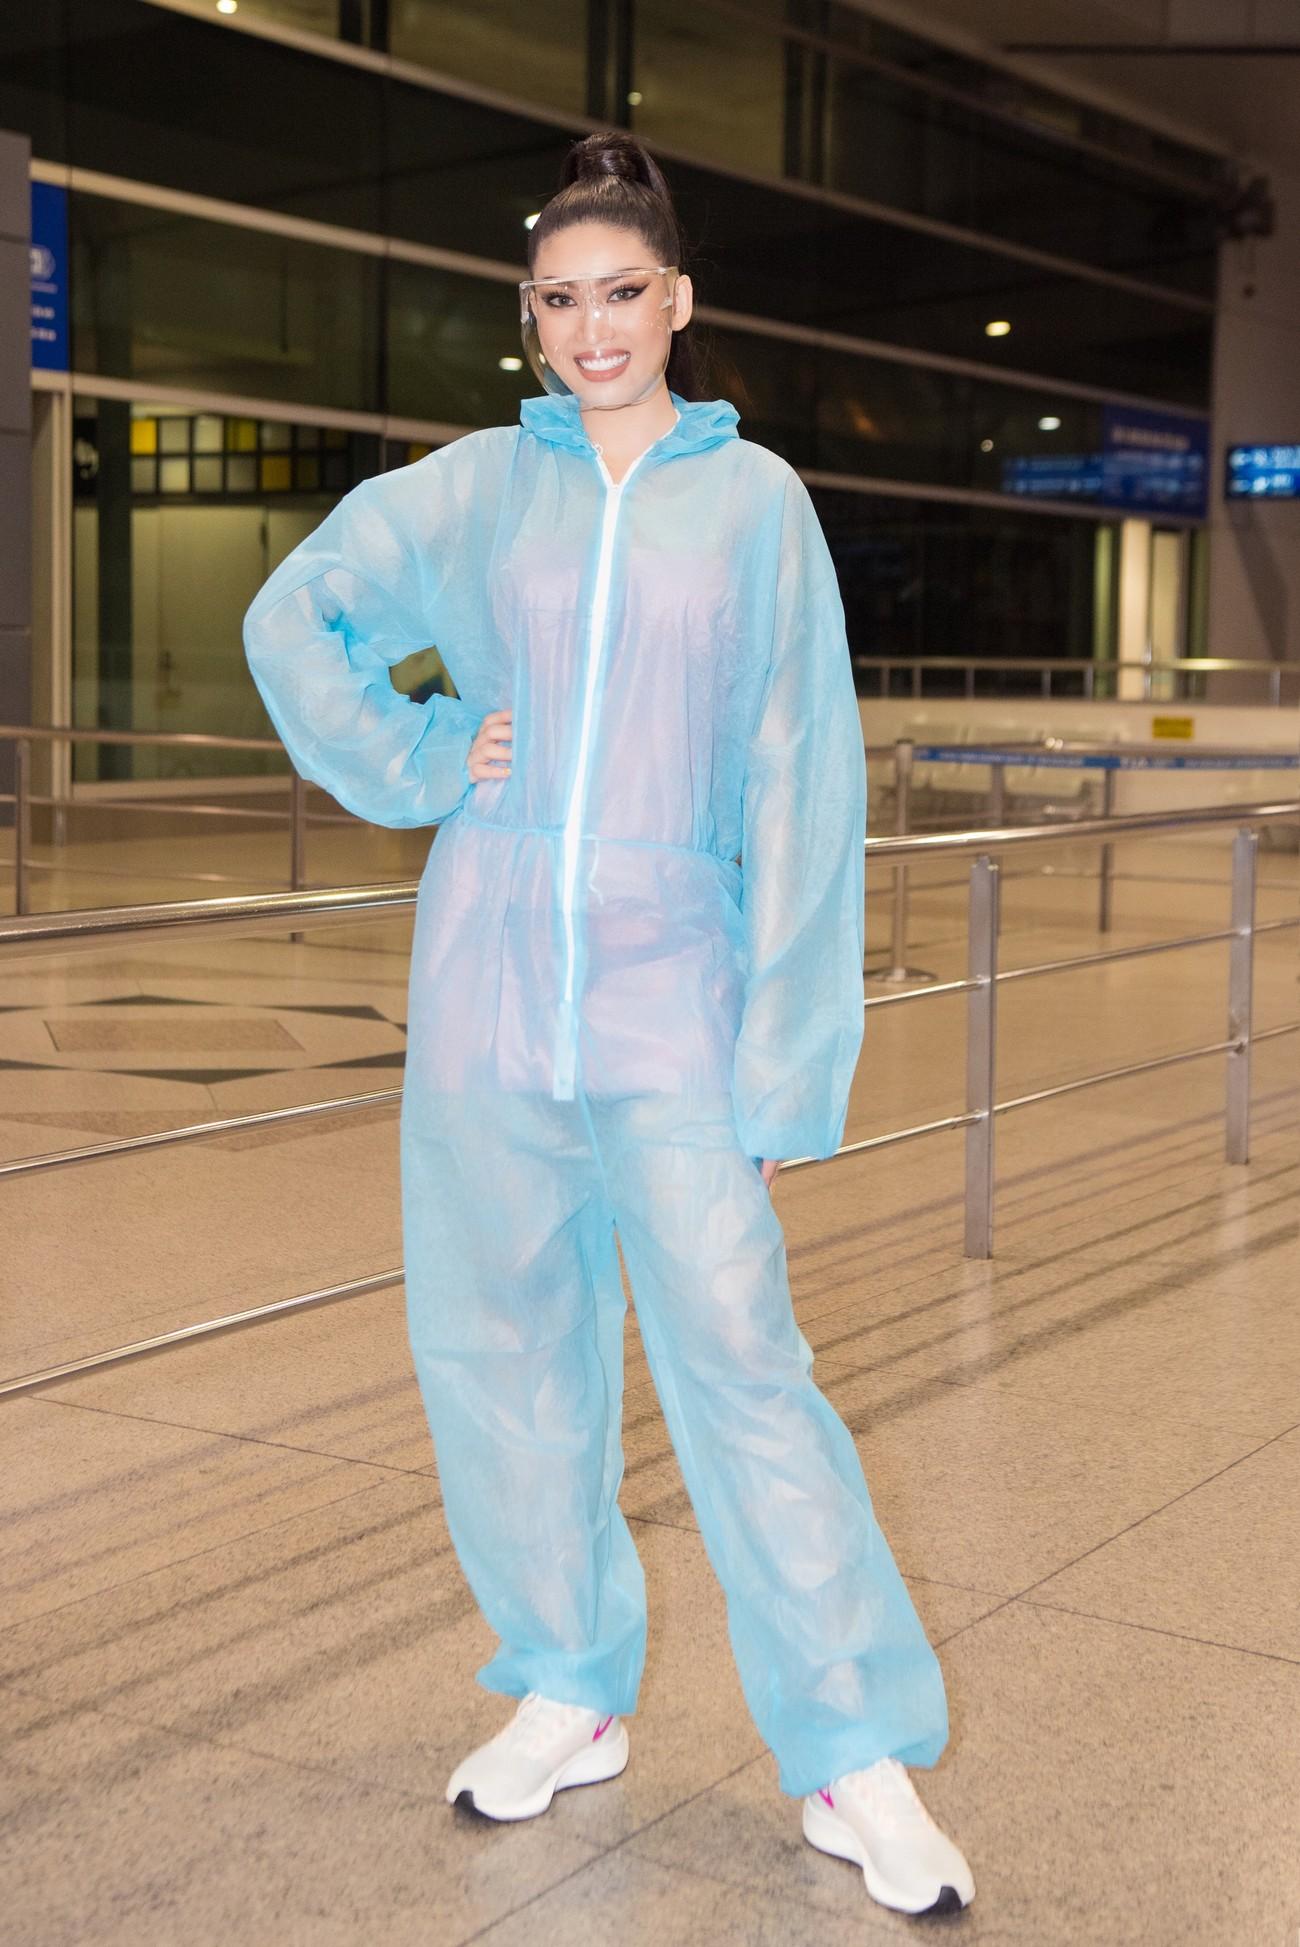 Mặc đồ bảo hộ bay sang Thái Lan thi Miss Grand, Á hậu Ngọc Thảo vẫn xinh đẹp rạng rỡ ảnh 13